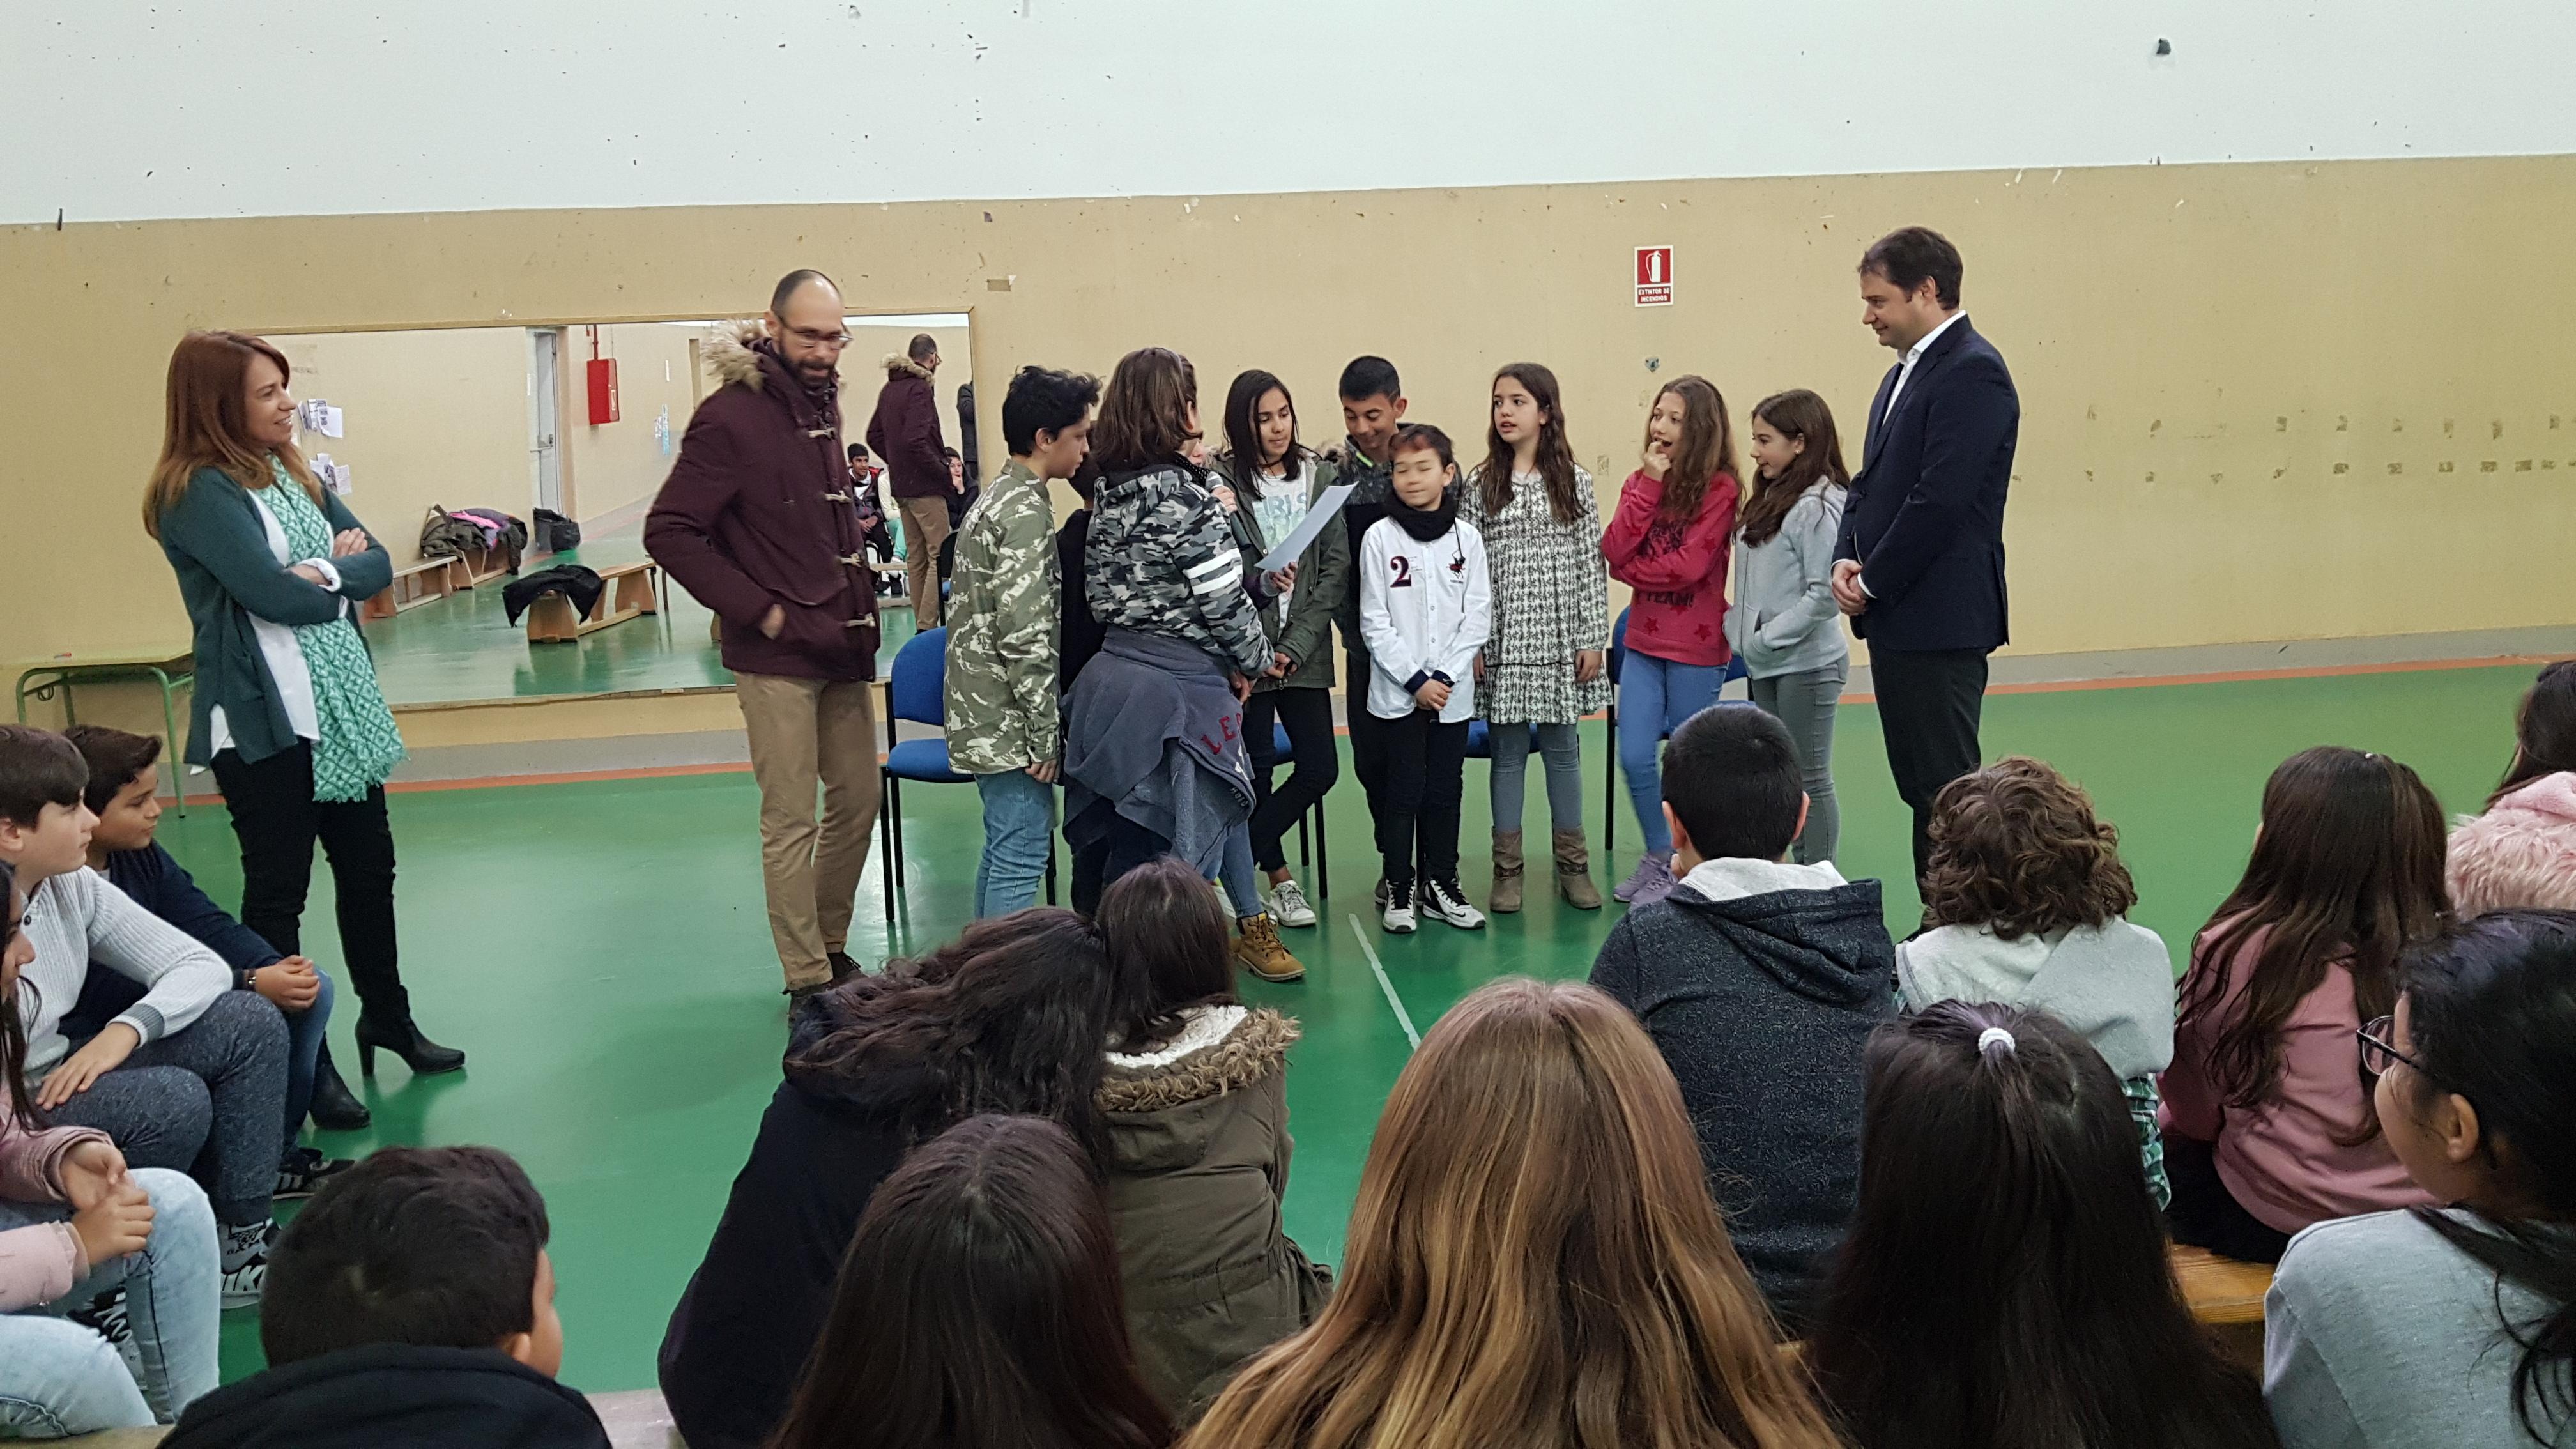 Visita del Alcalde de Torrejón de Ardoz al CEIP Andrés Segovia 10